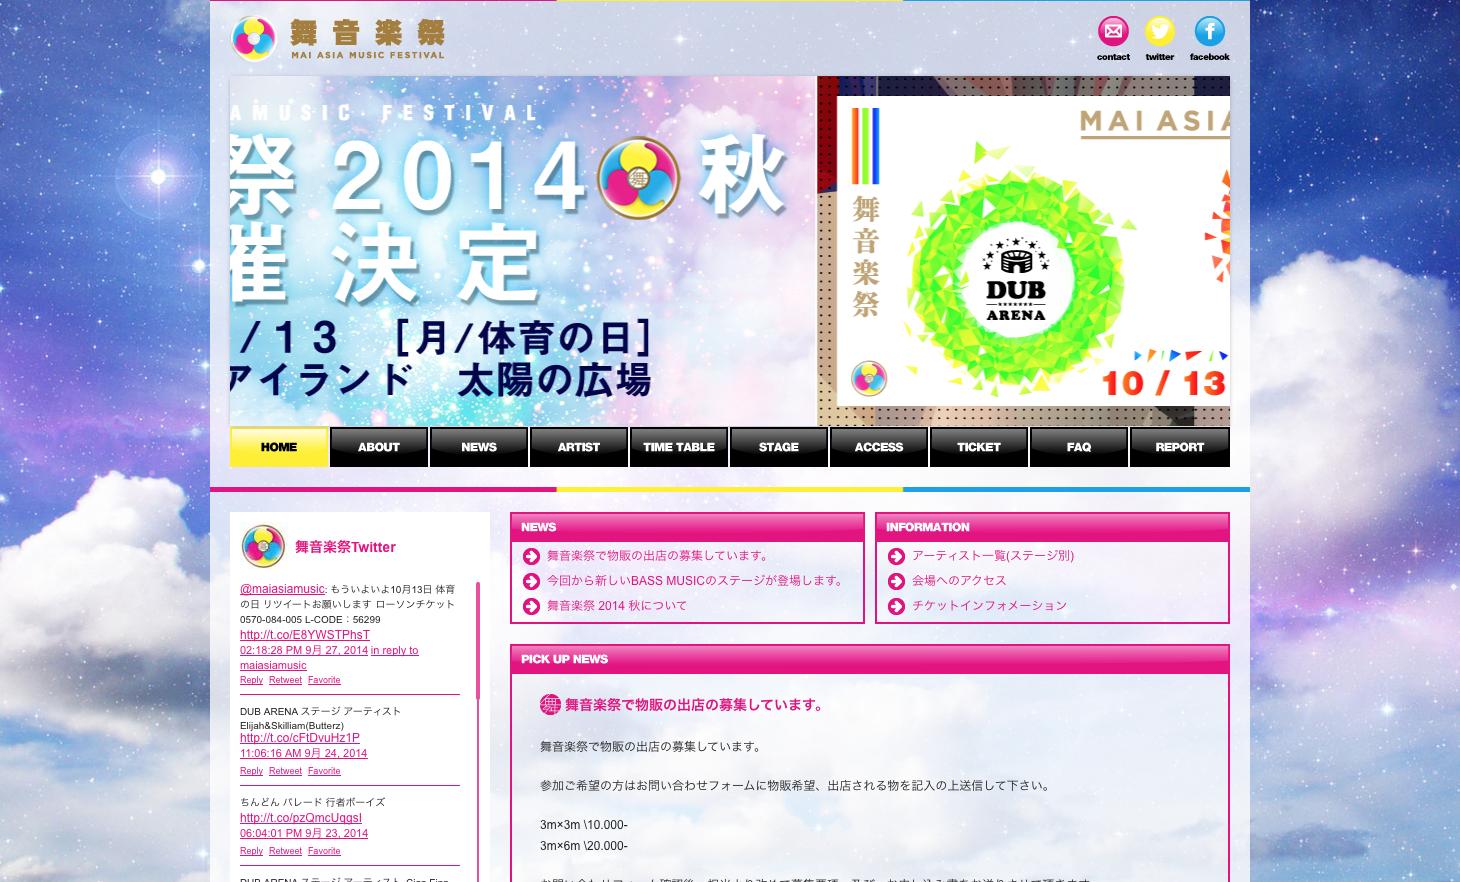 スクリーンショット 2014-09-29 10.02.39